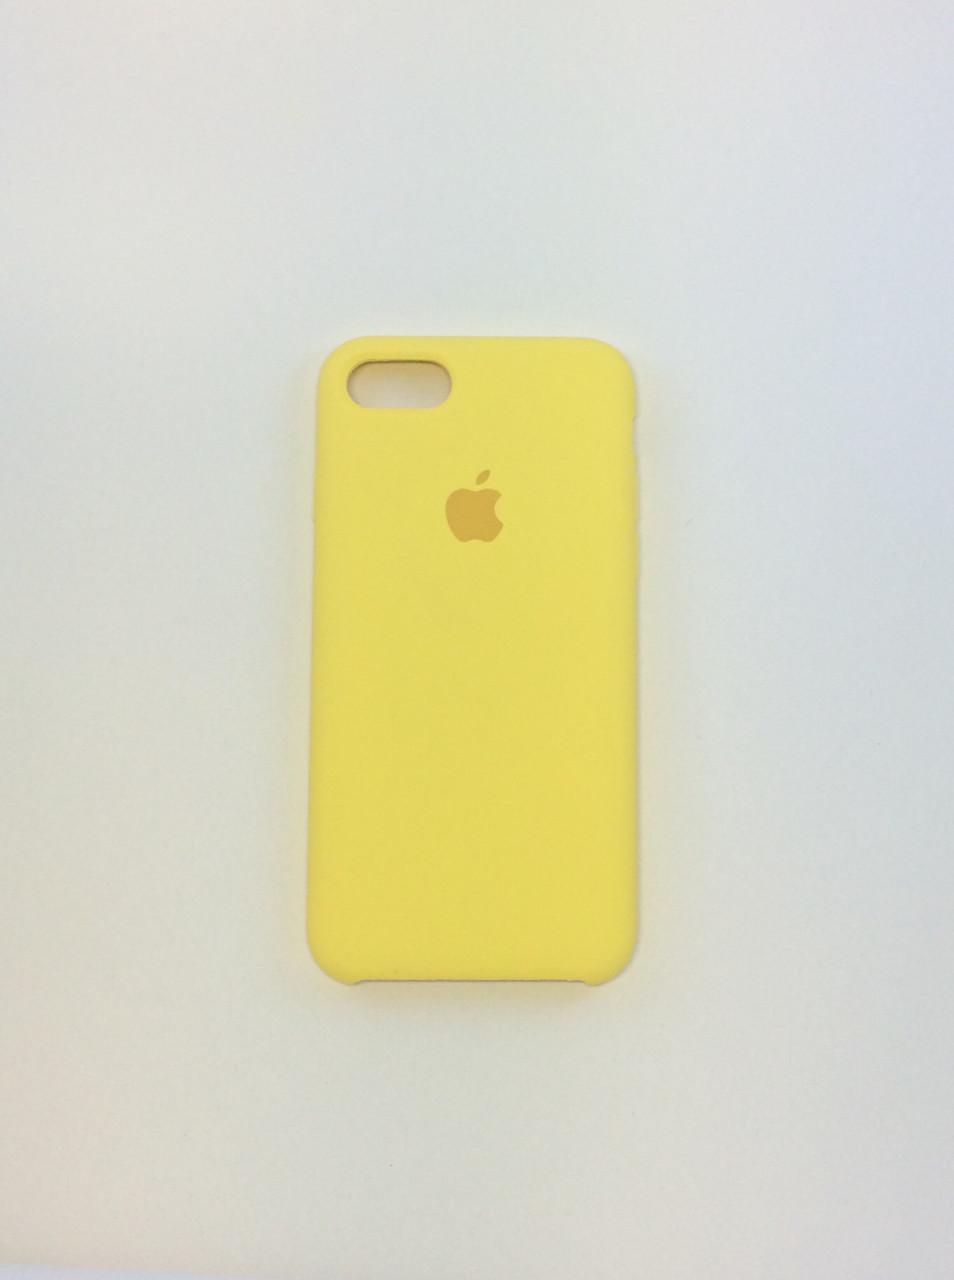 Силиконовый чехол iPhone 7 Plus / 8 Plus, холодный лимонад, силикон, copy original